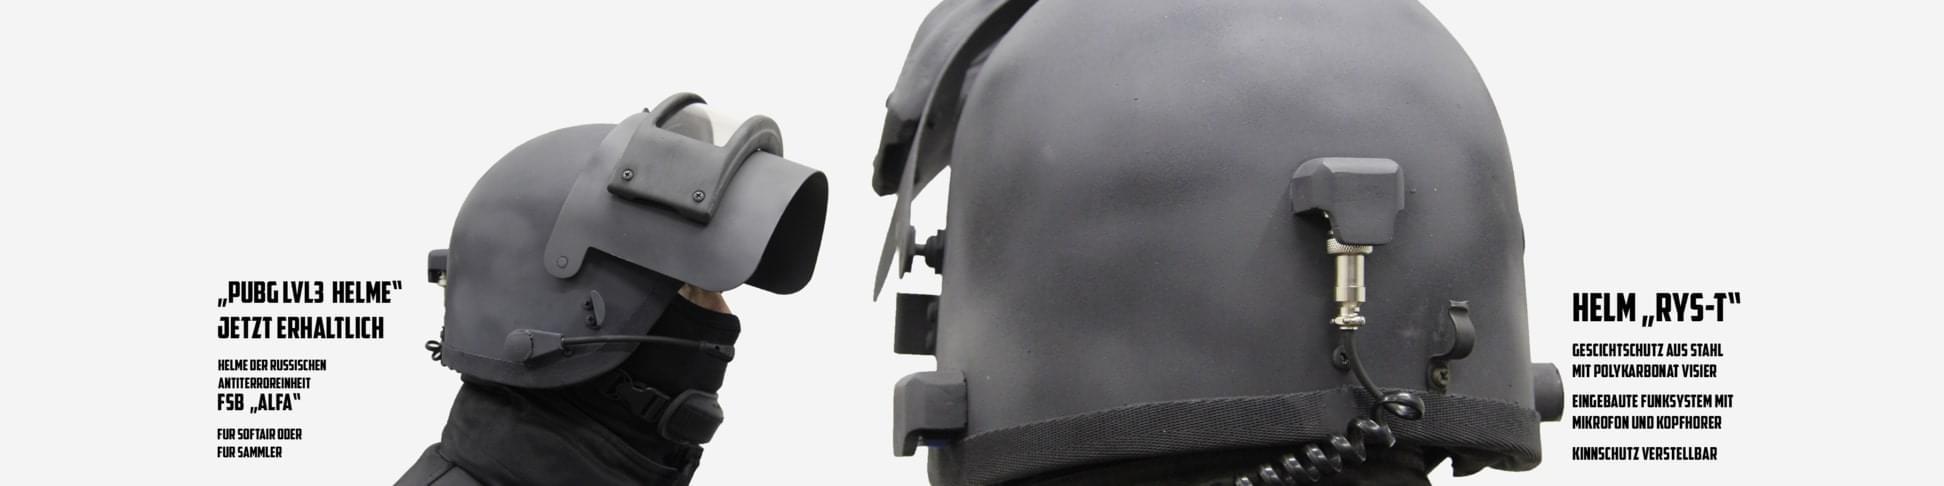 Slider-Vorlage-Pubg-Helme-5